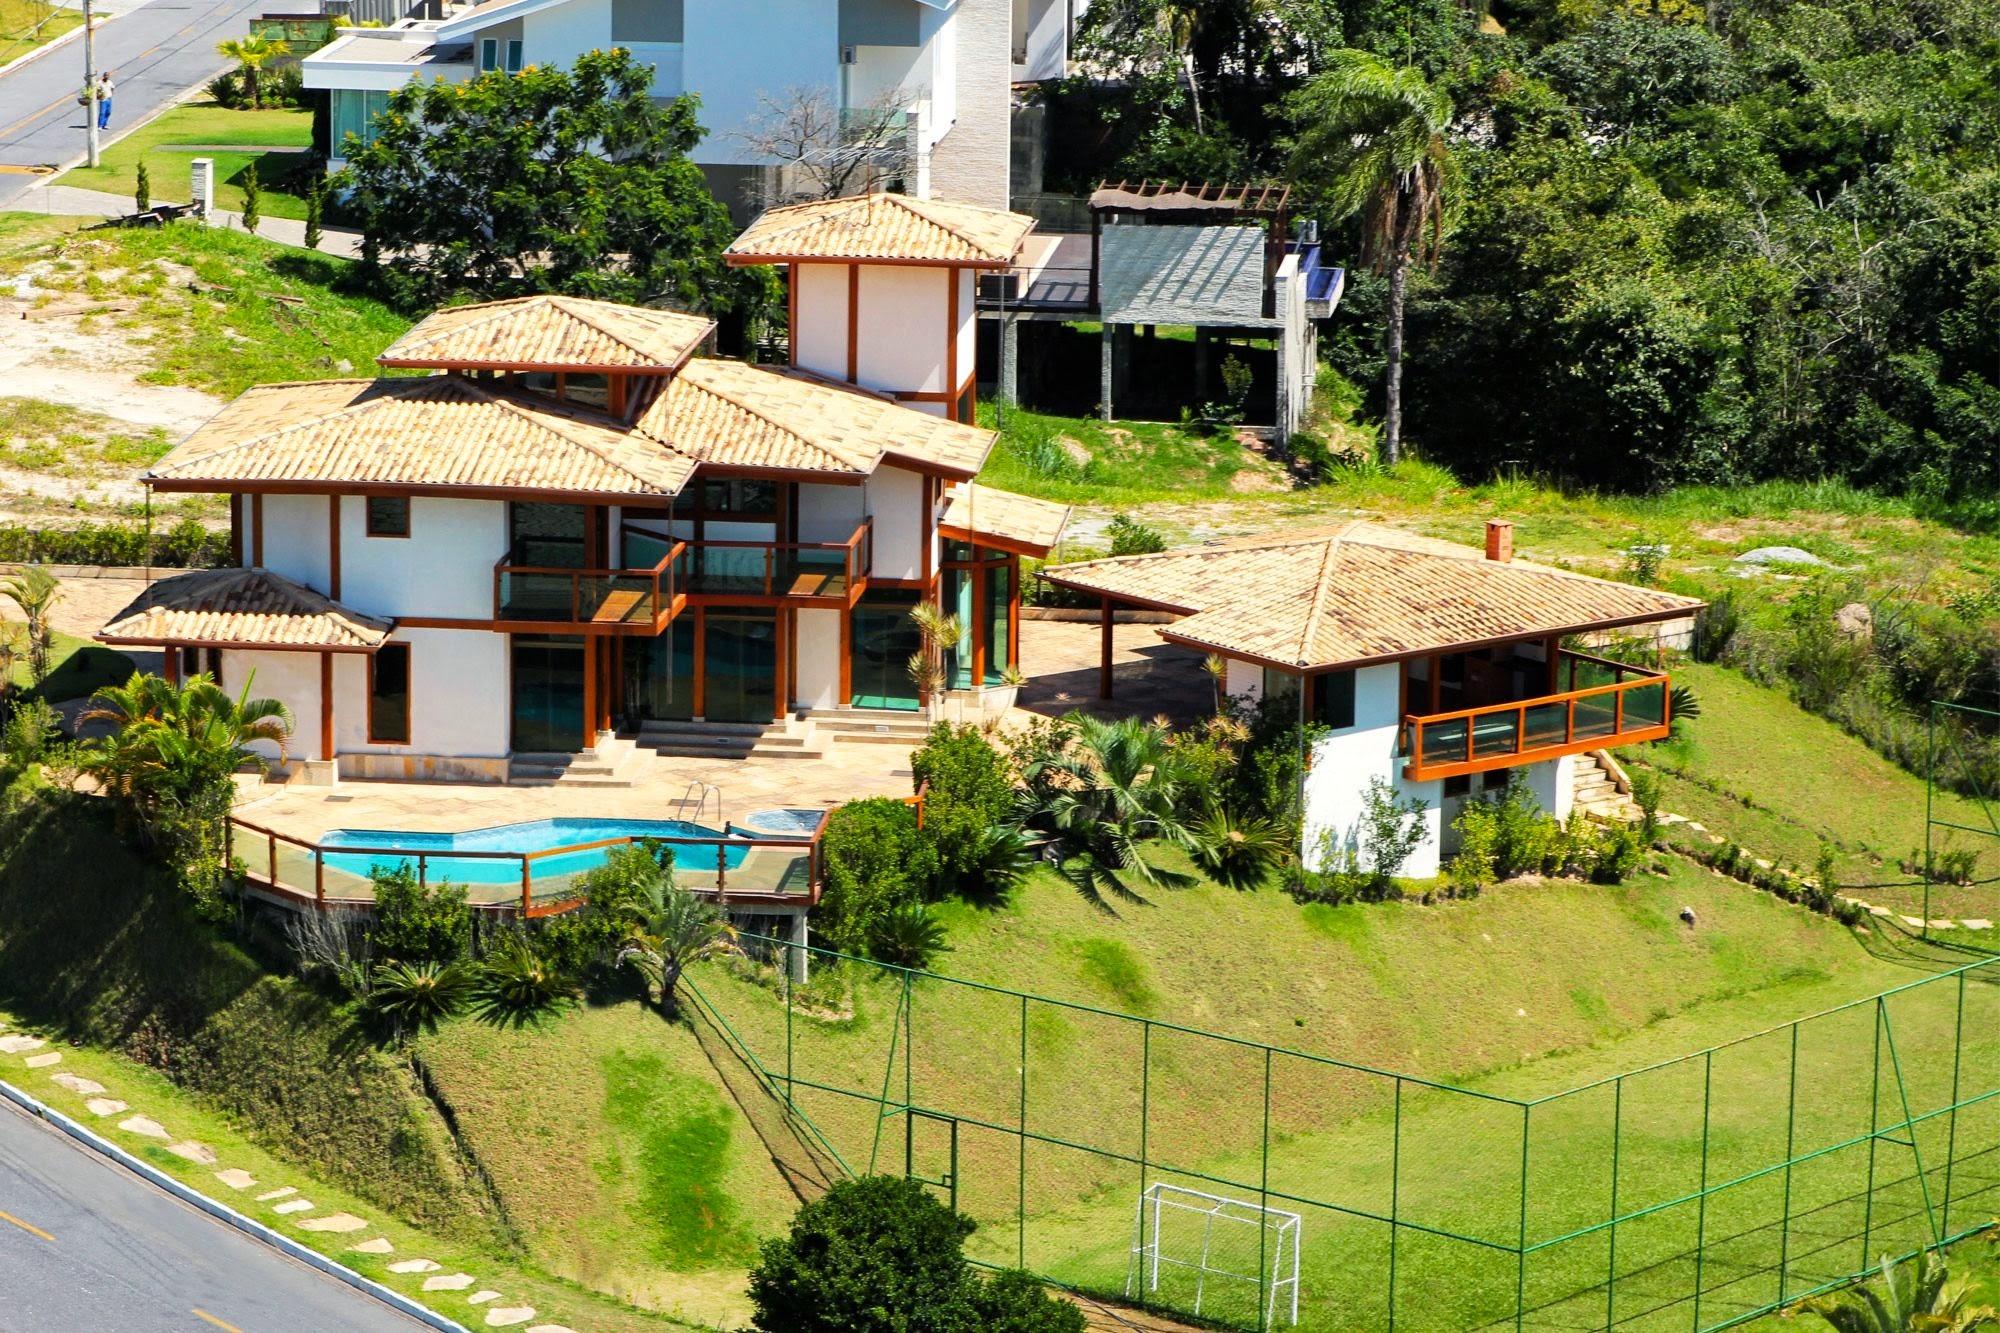 Casa-Estruturada-em-Madeira